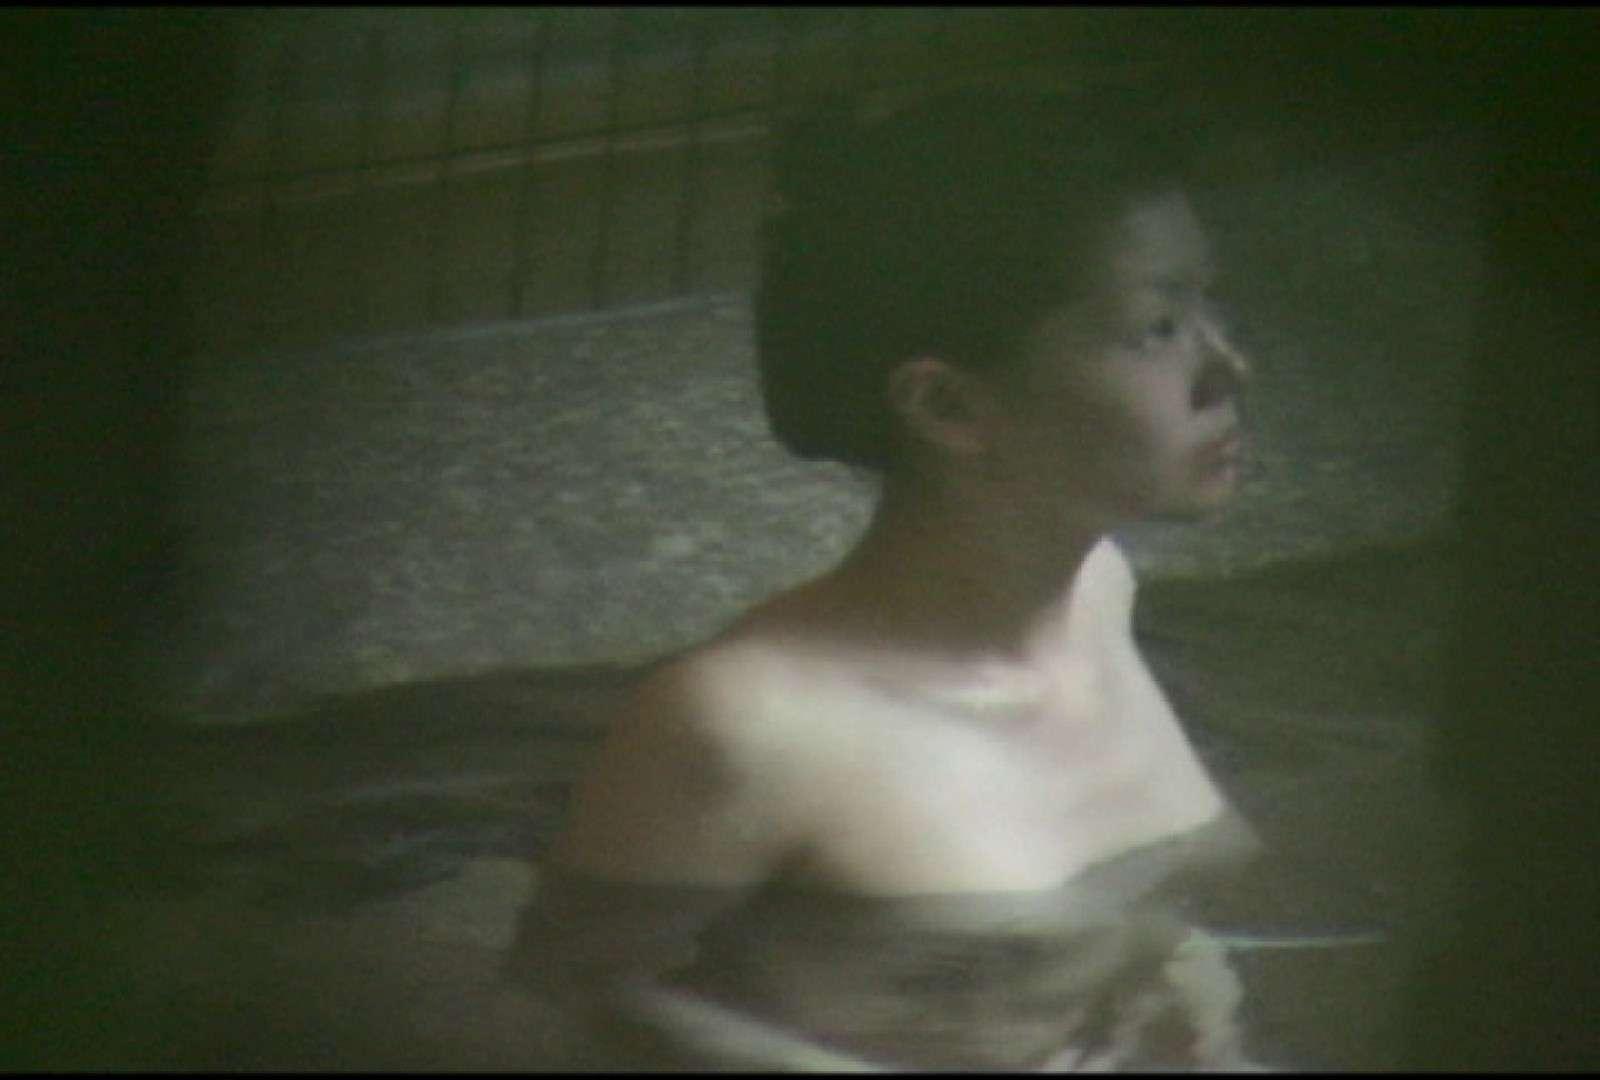 Aquaな露天風呂Vol.699 綺麗なOLたち | 盗撮  105枚 1